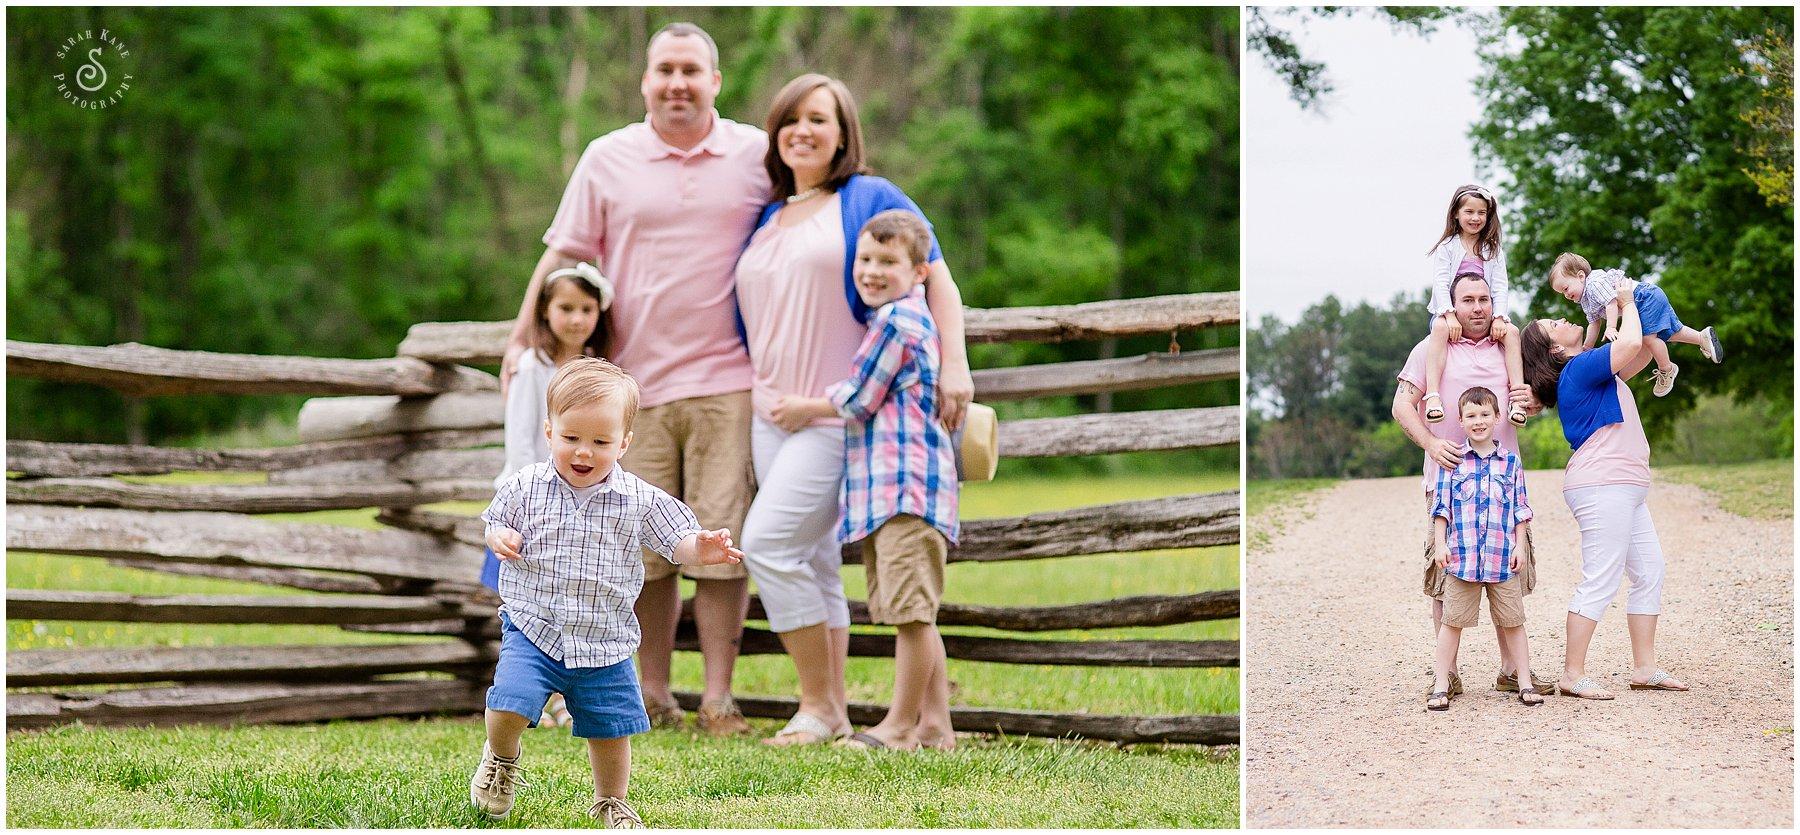 2016 McManama Family Portriats 52.jpg